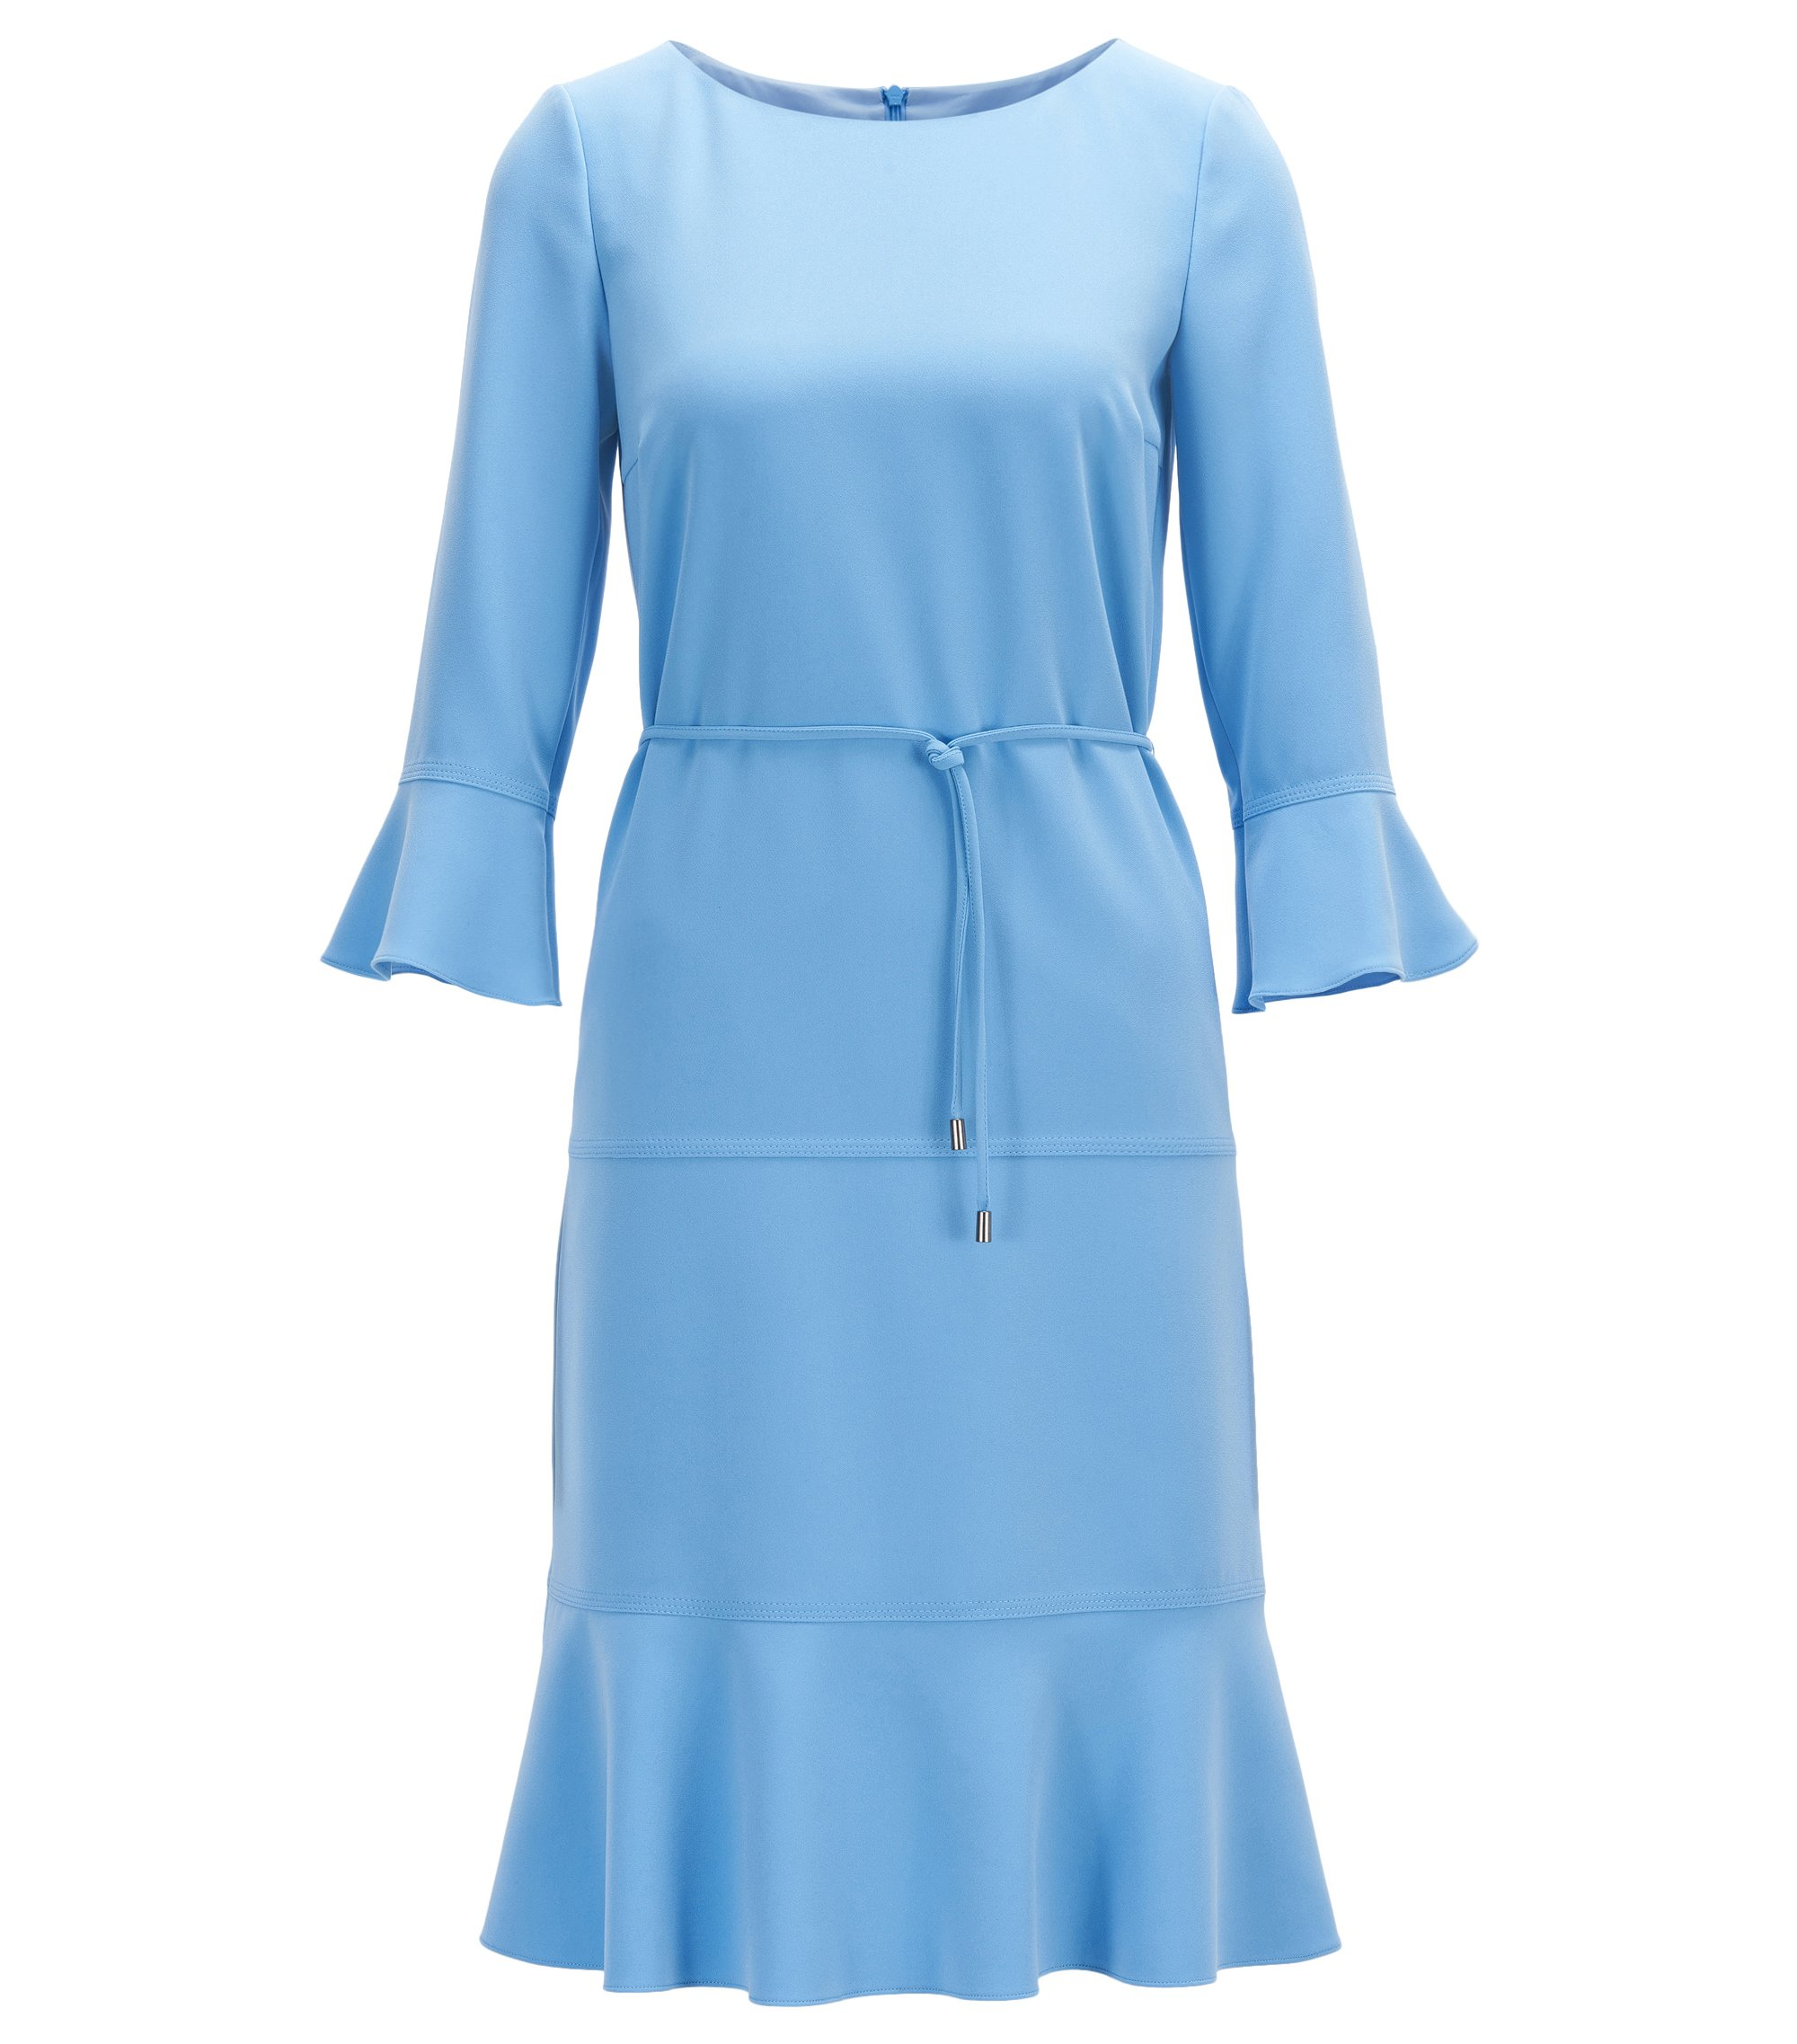 Robe à encolure large avec ceinture amovible, Turquoise